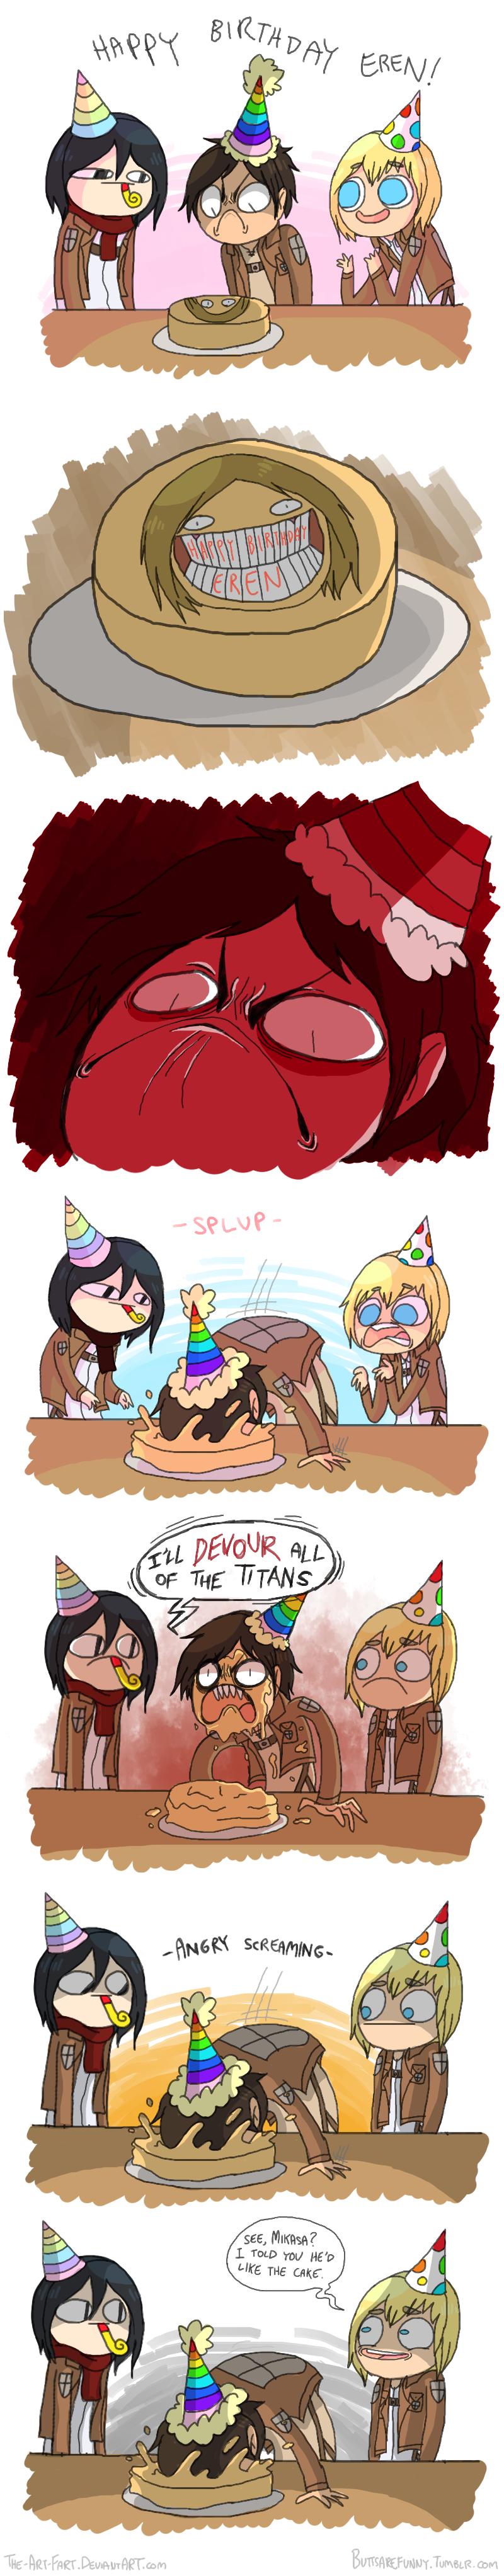 HAPPY BIRTHDAY EREN by The-Art-Fart